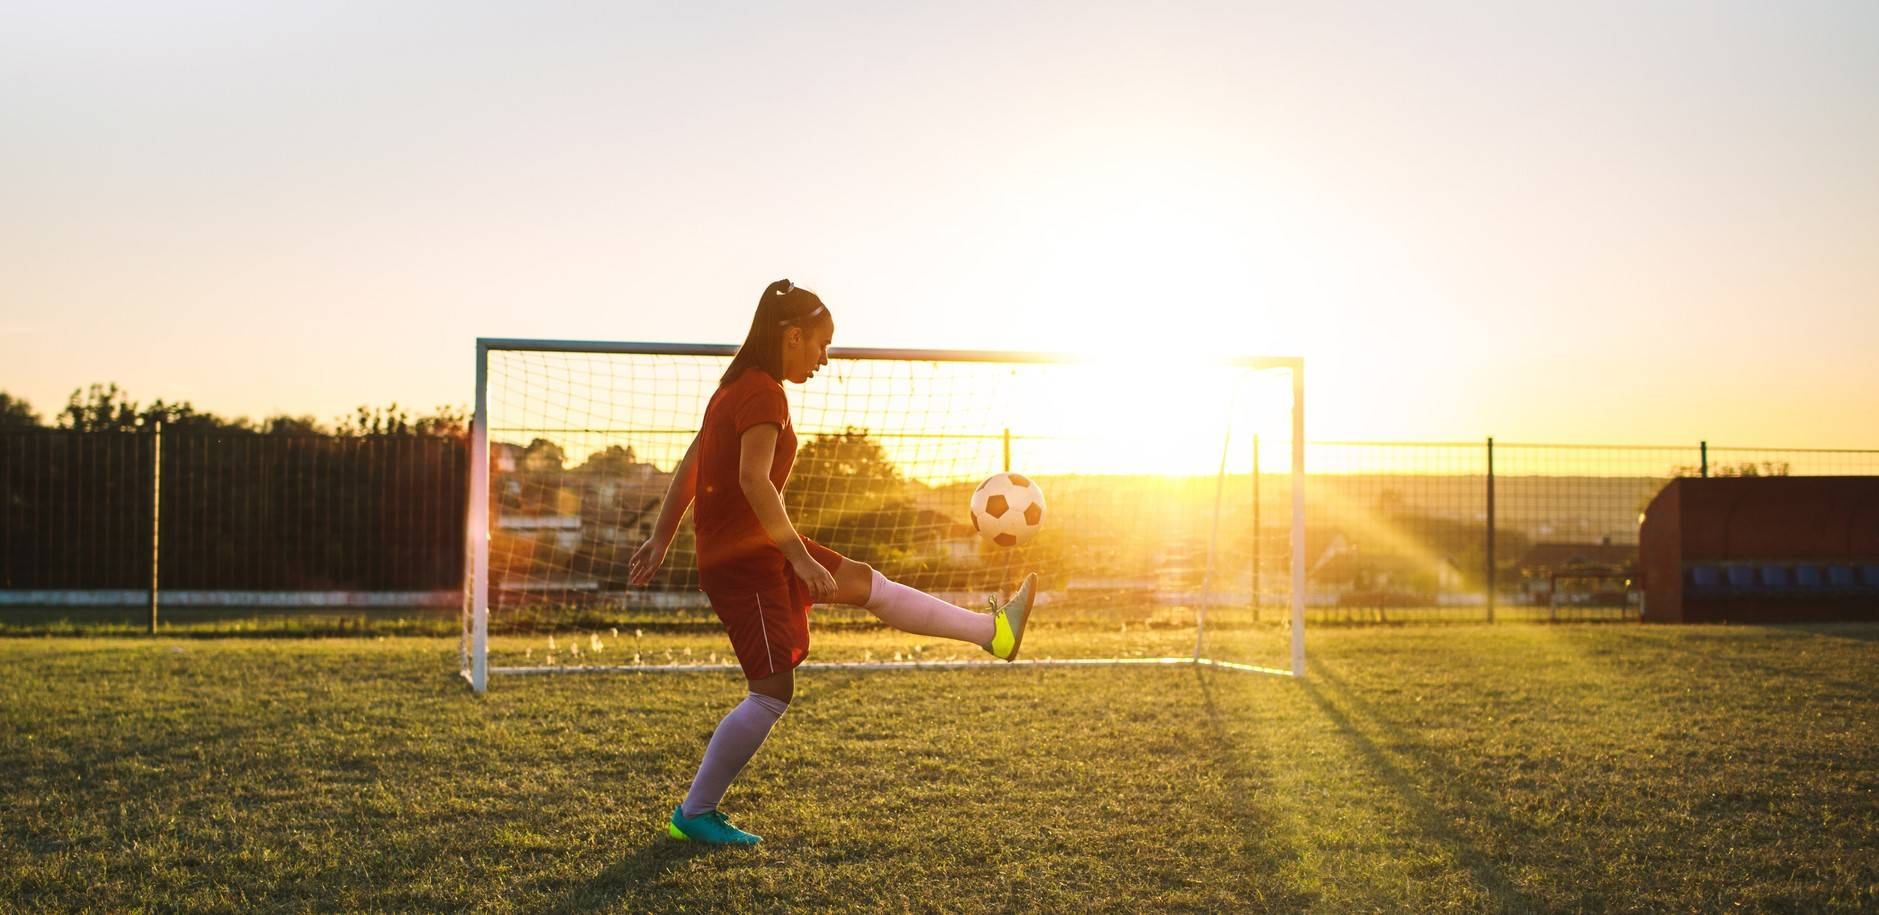 www.juicysantos.com.br - escolas de futebol feminino em santos